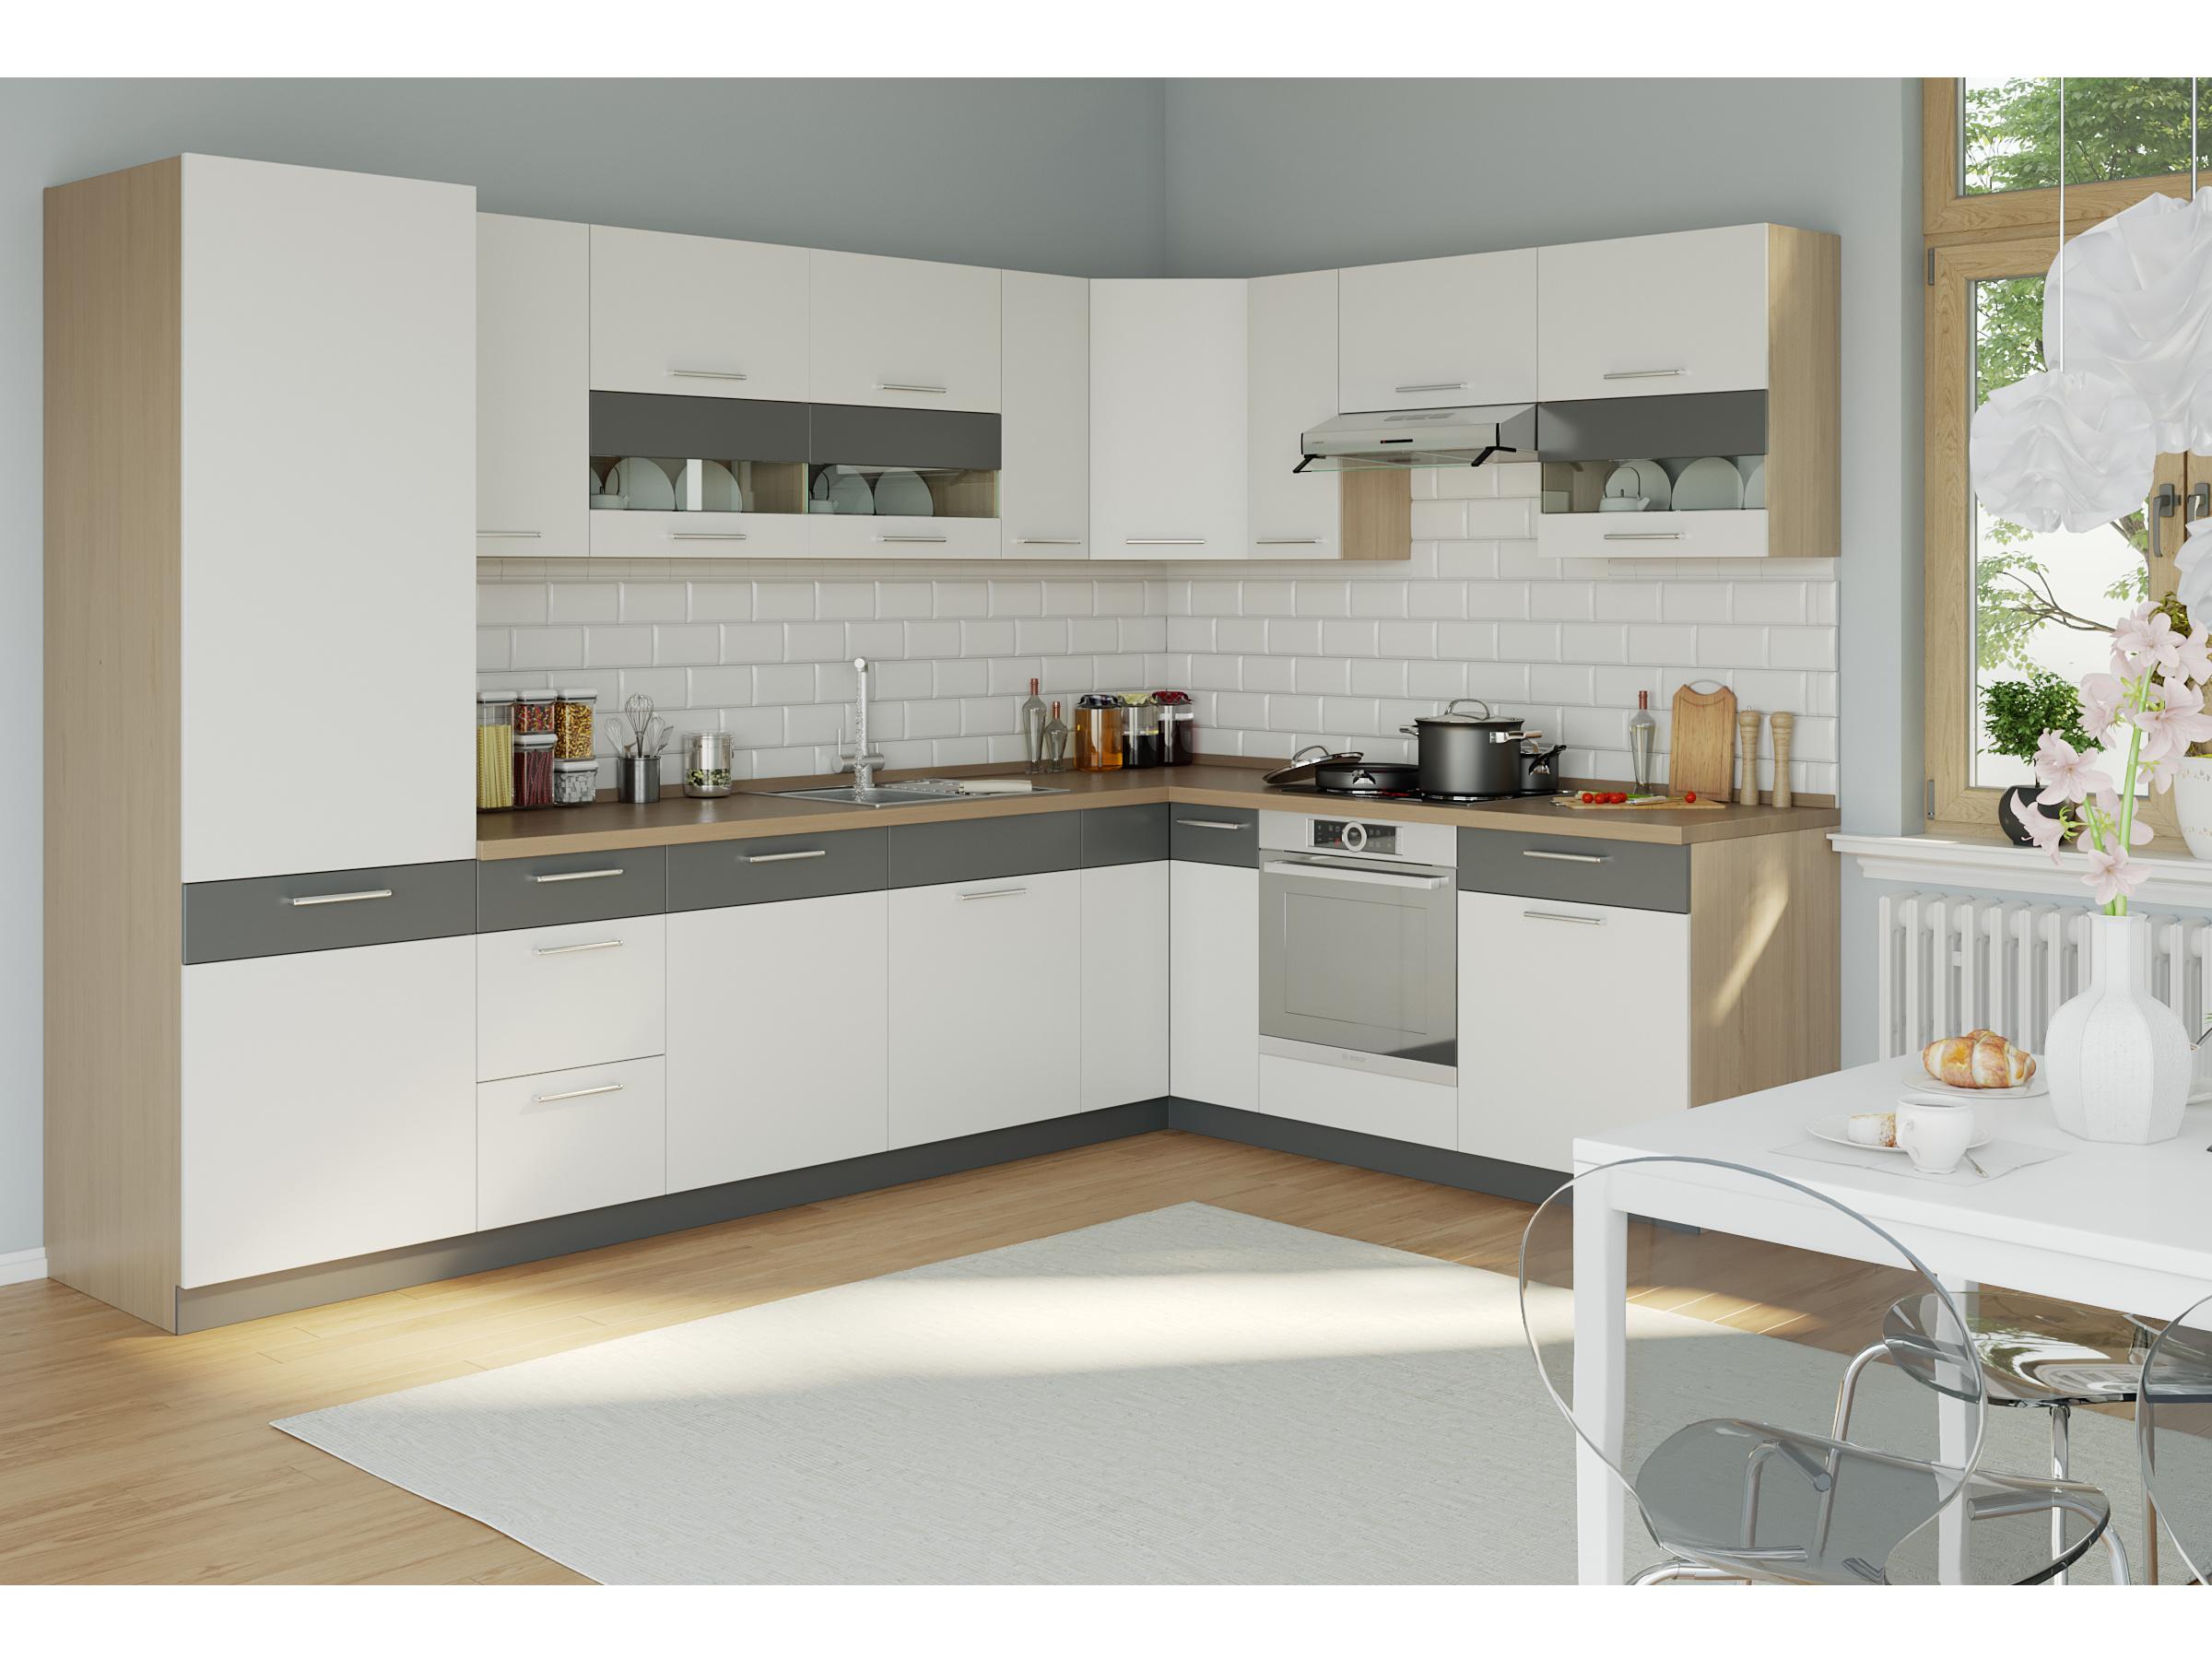 Rohová kuchyně MODENA 315x210, bílý lesk/grafit mat